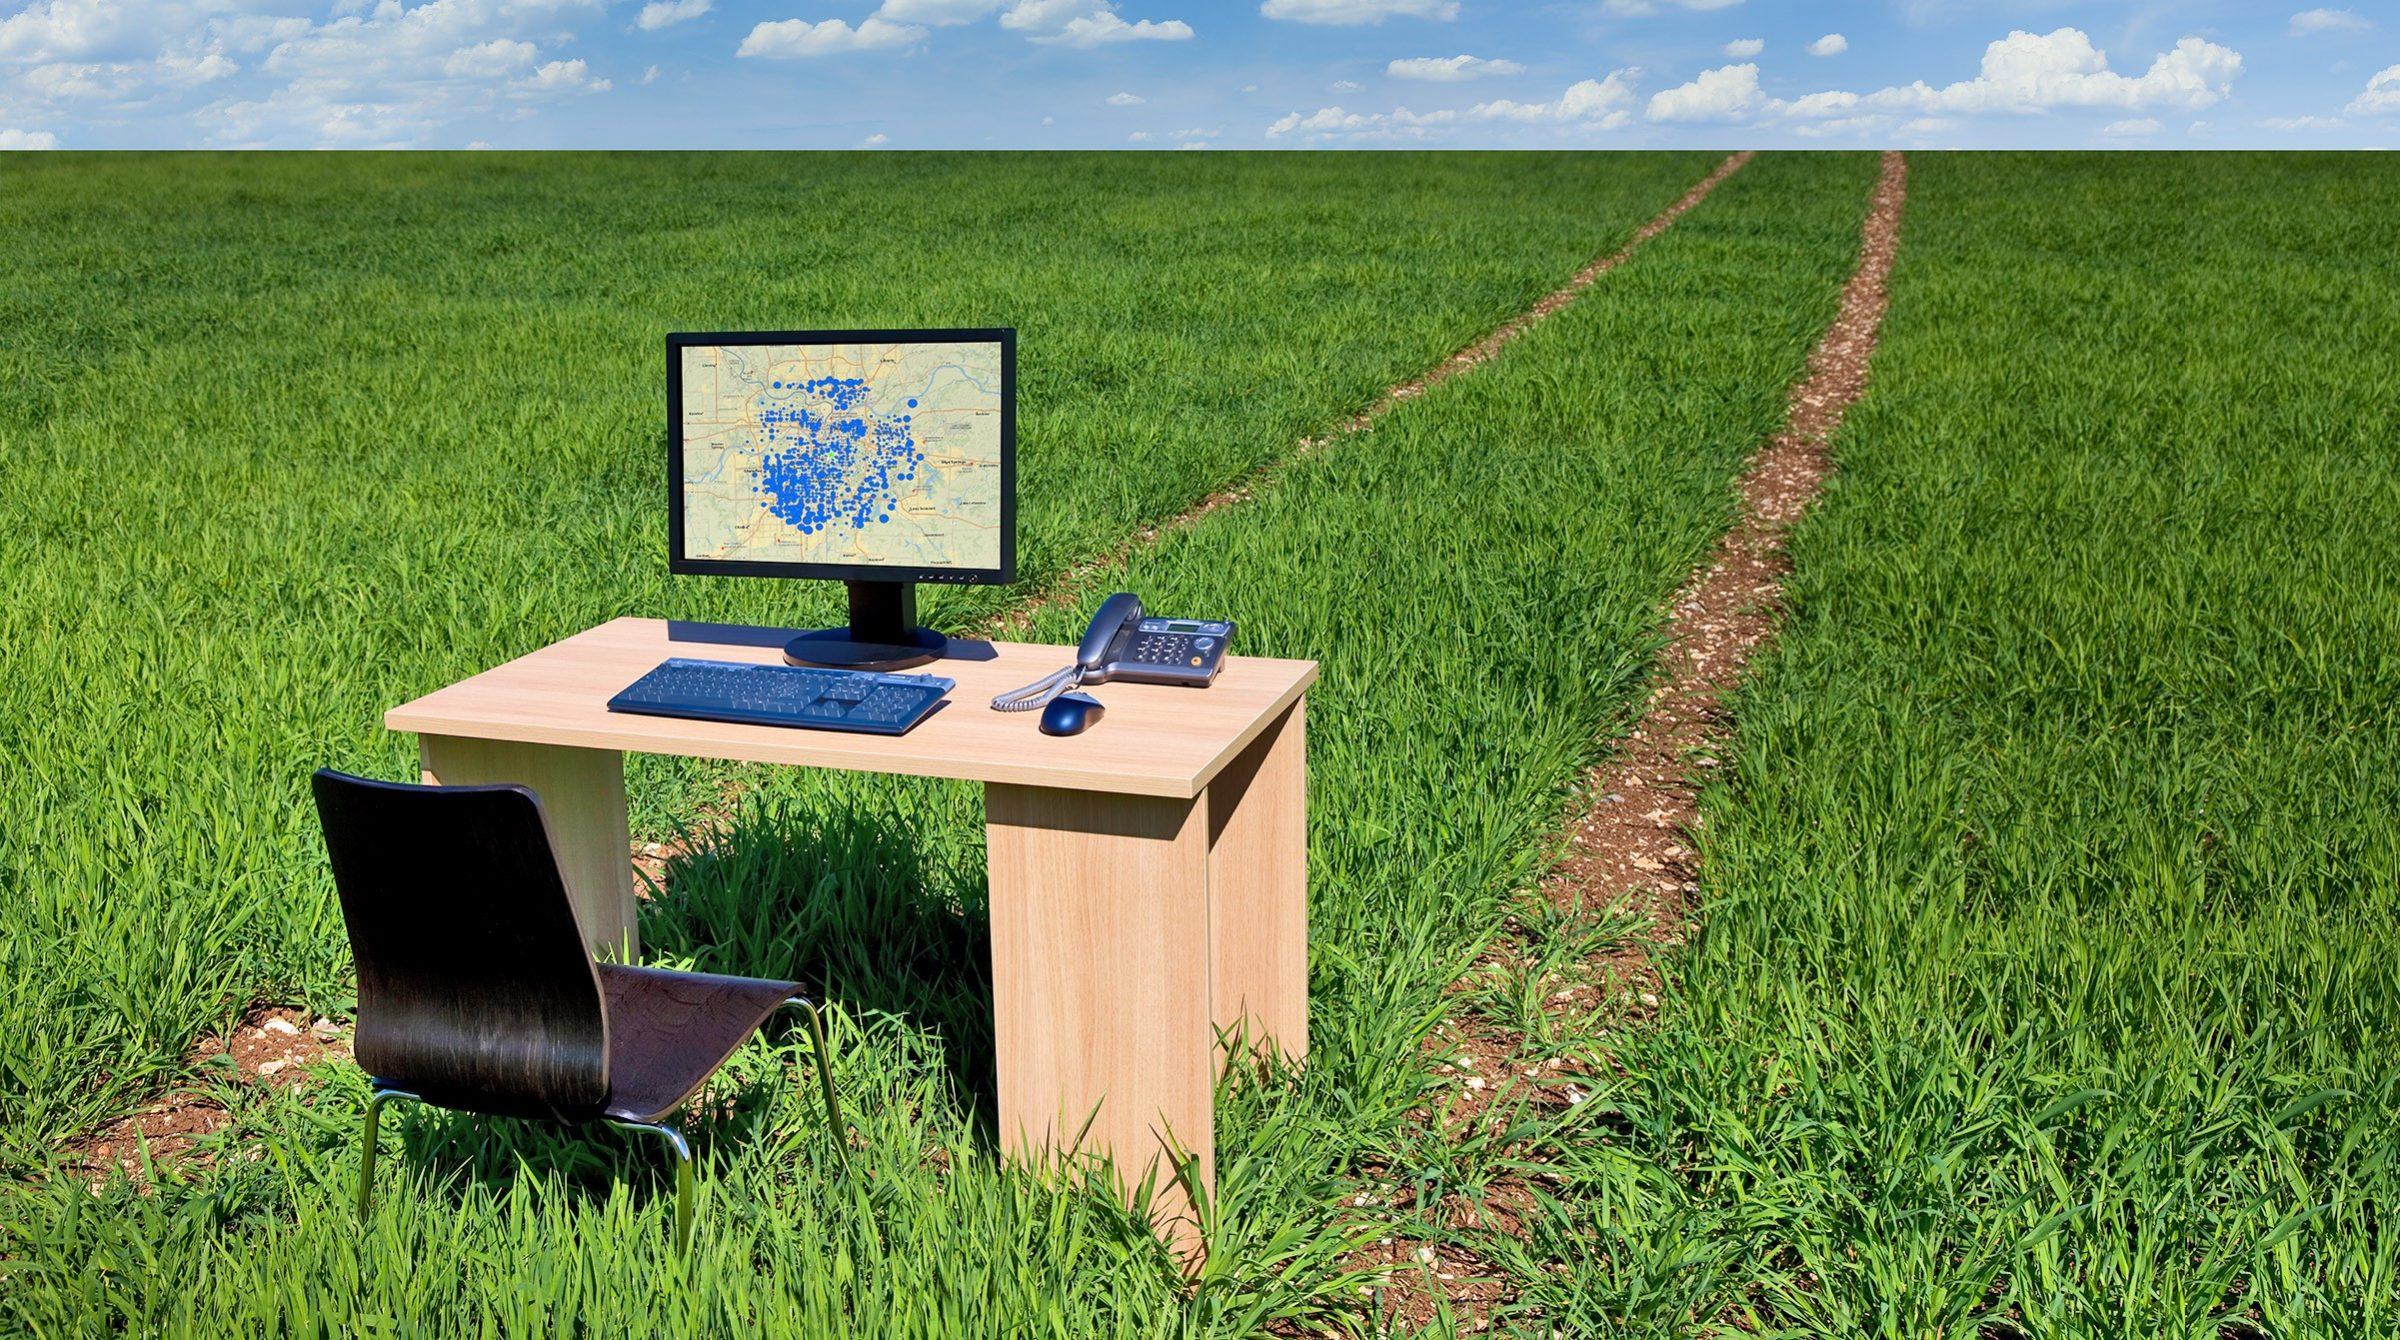 Fält med hjulspår och skrivbord med dataskärm som visar karta